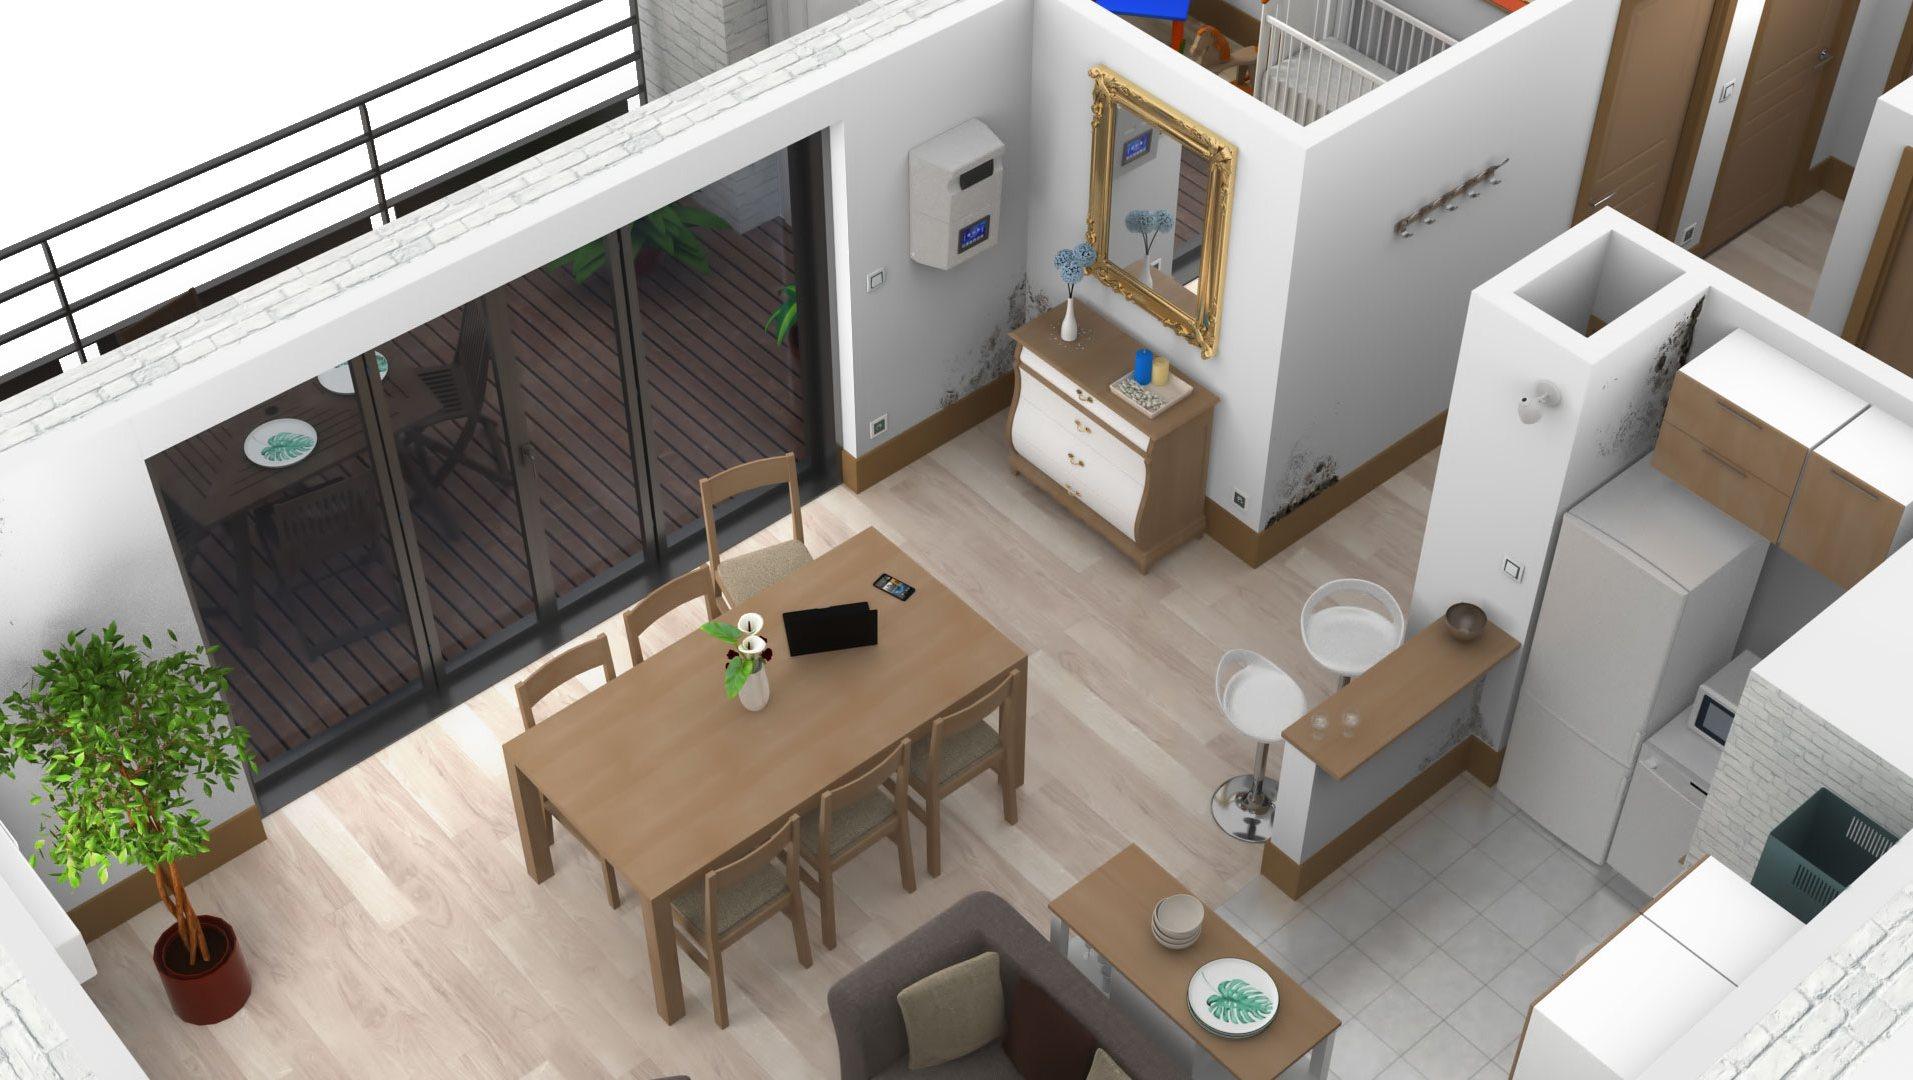 Appartement en 3D pour présenter et valoriser le fonctionnement d'une centrale de traitement d'air